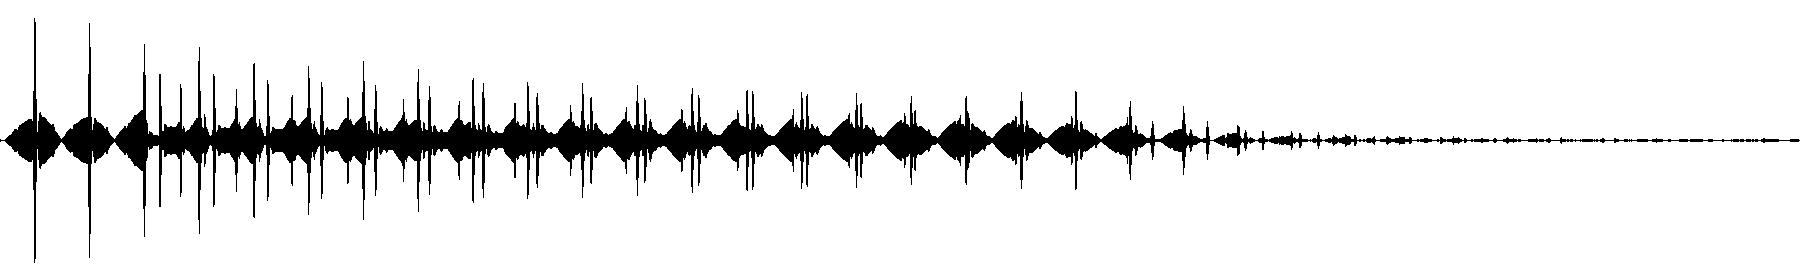 veh2 synths   146 c